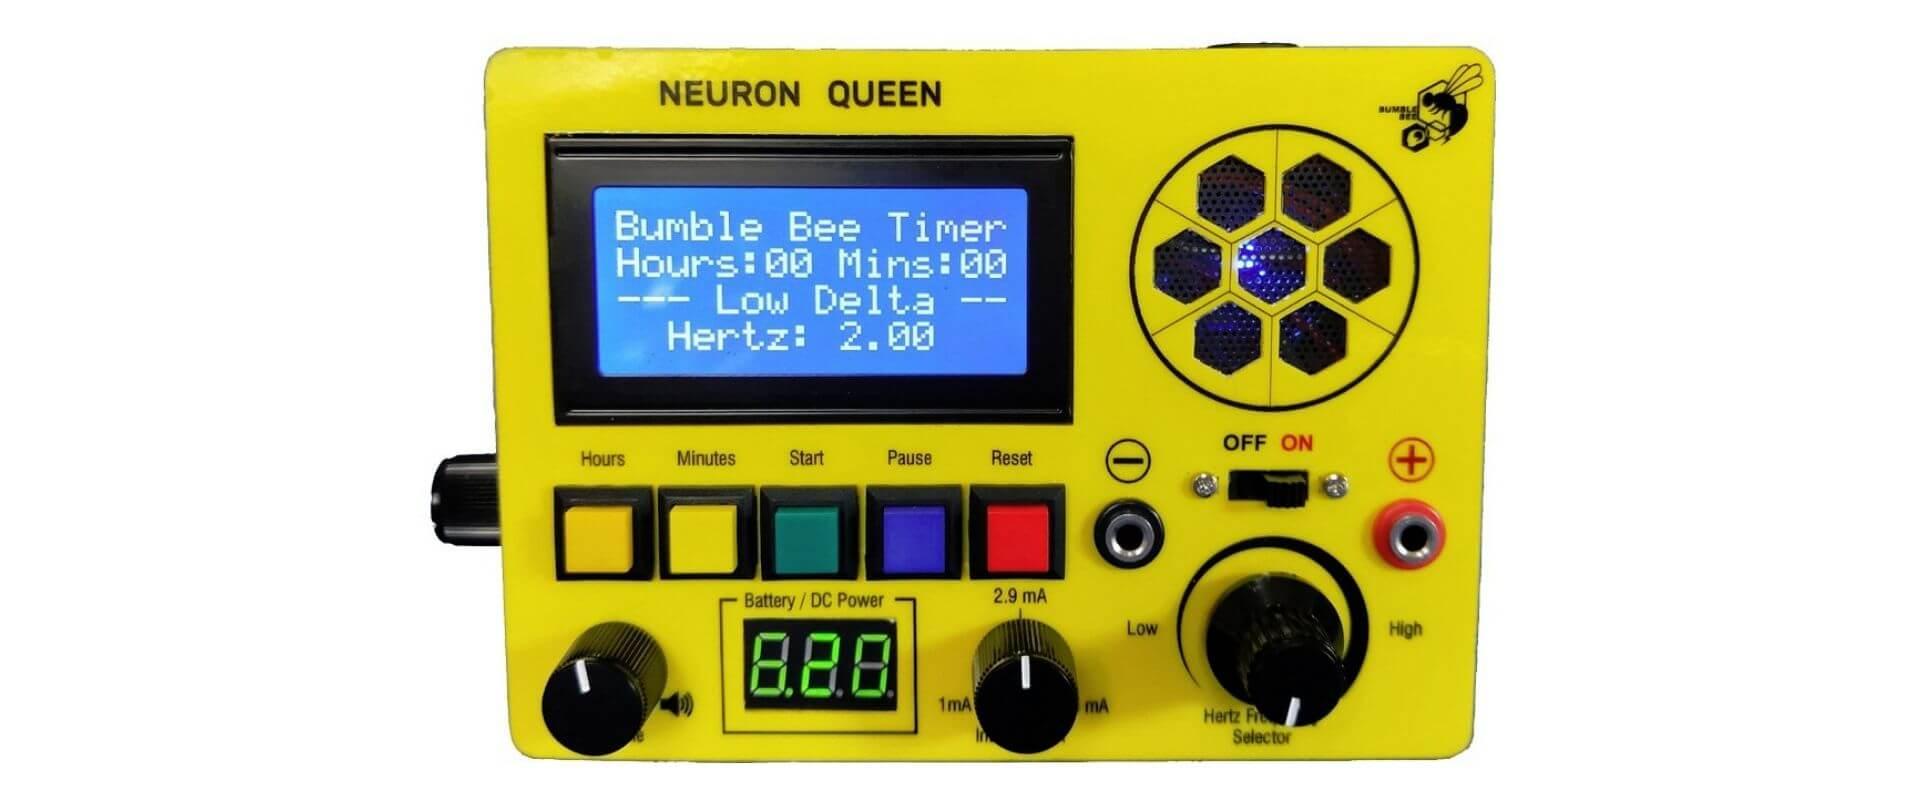 Neuron Queen